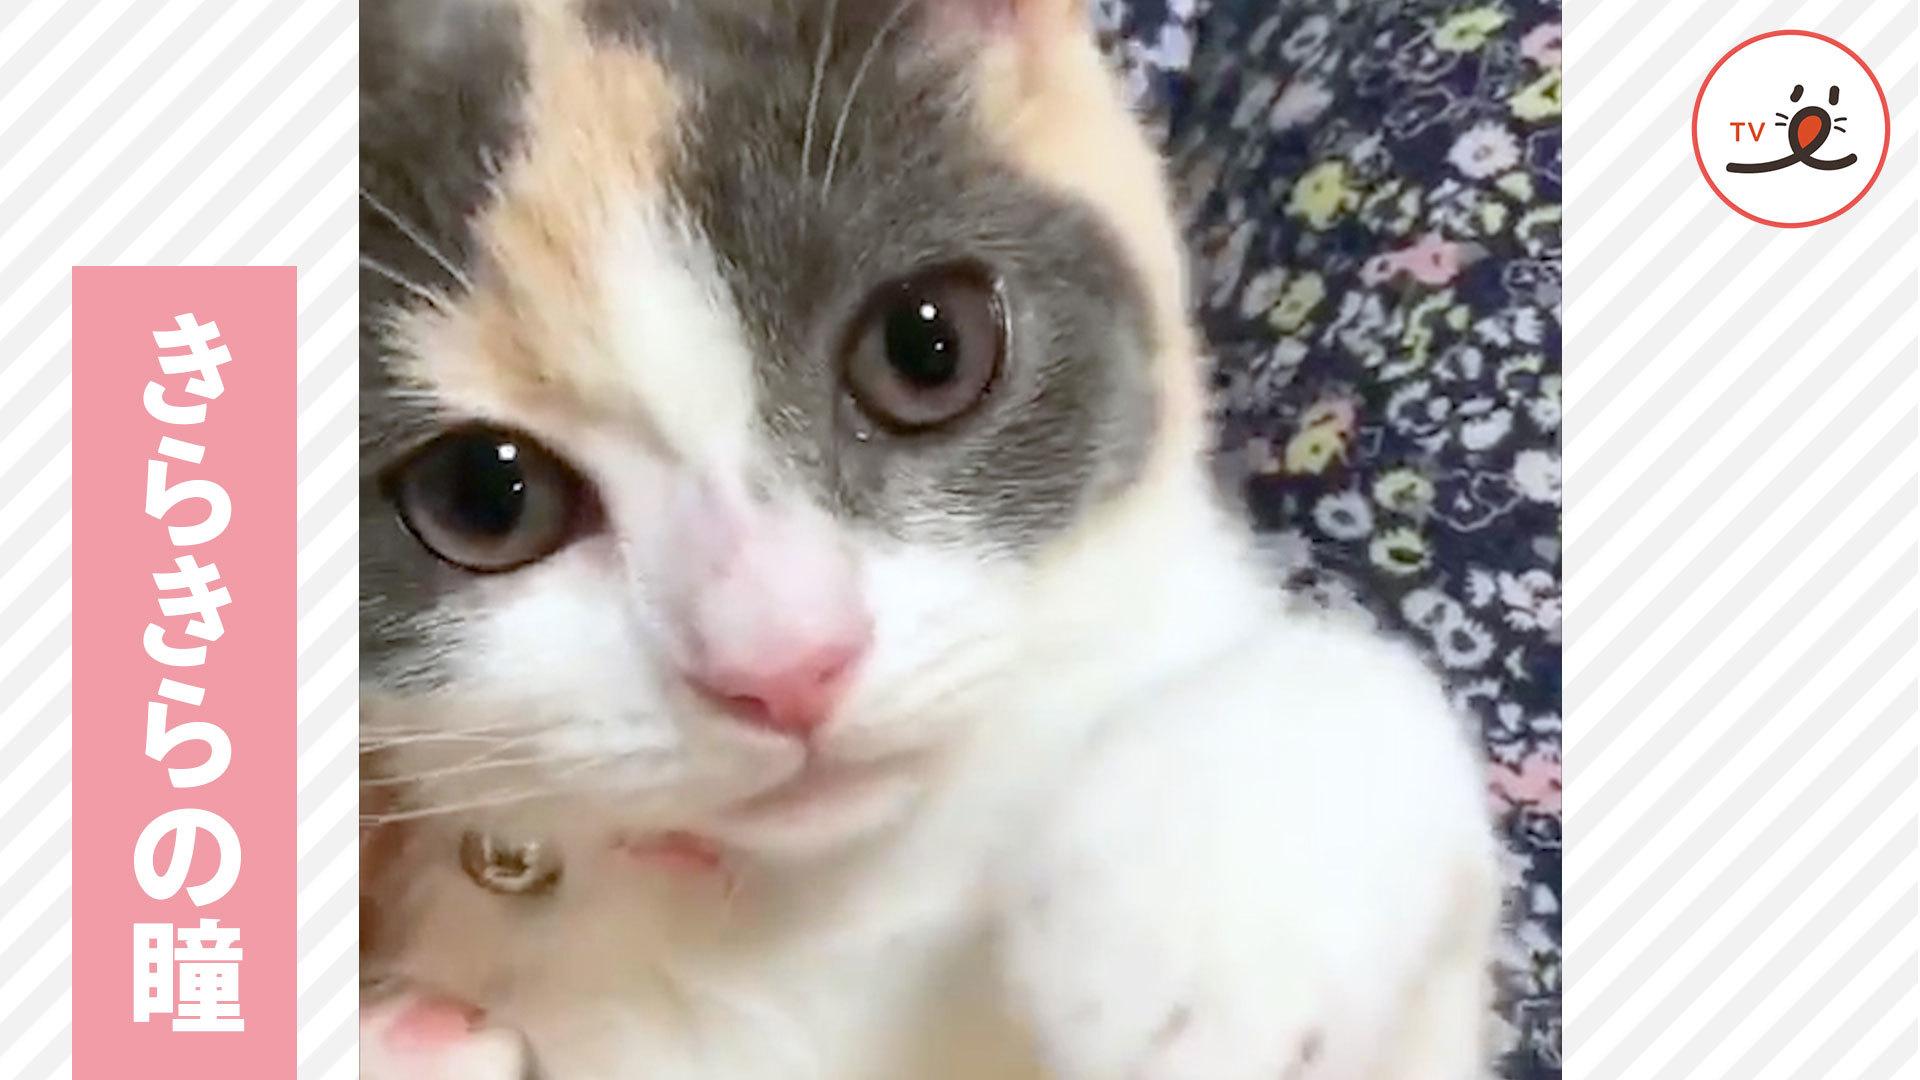 きらきら、うるうる✨ ニャンコの瞳って、なんでこんなに綺麗なの🌟❓